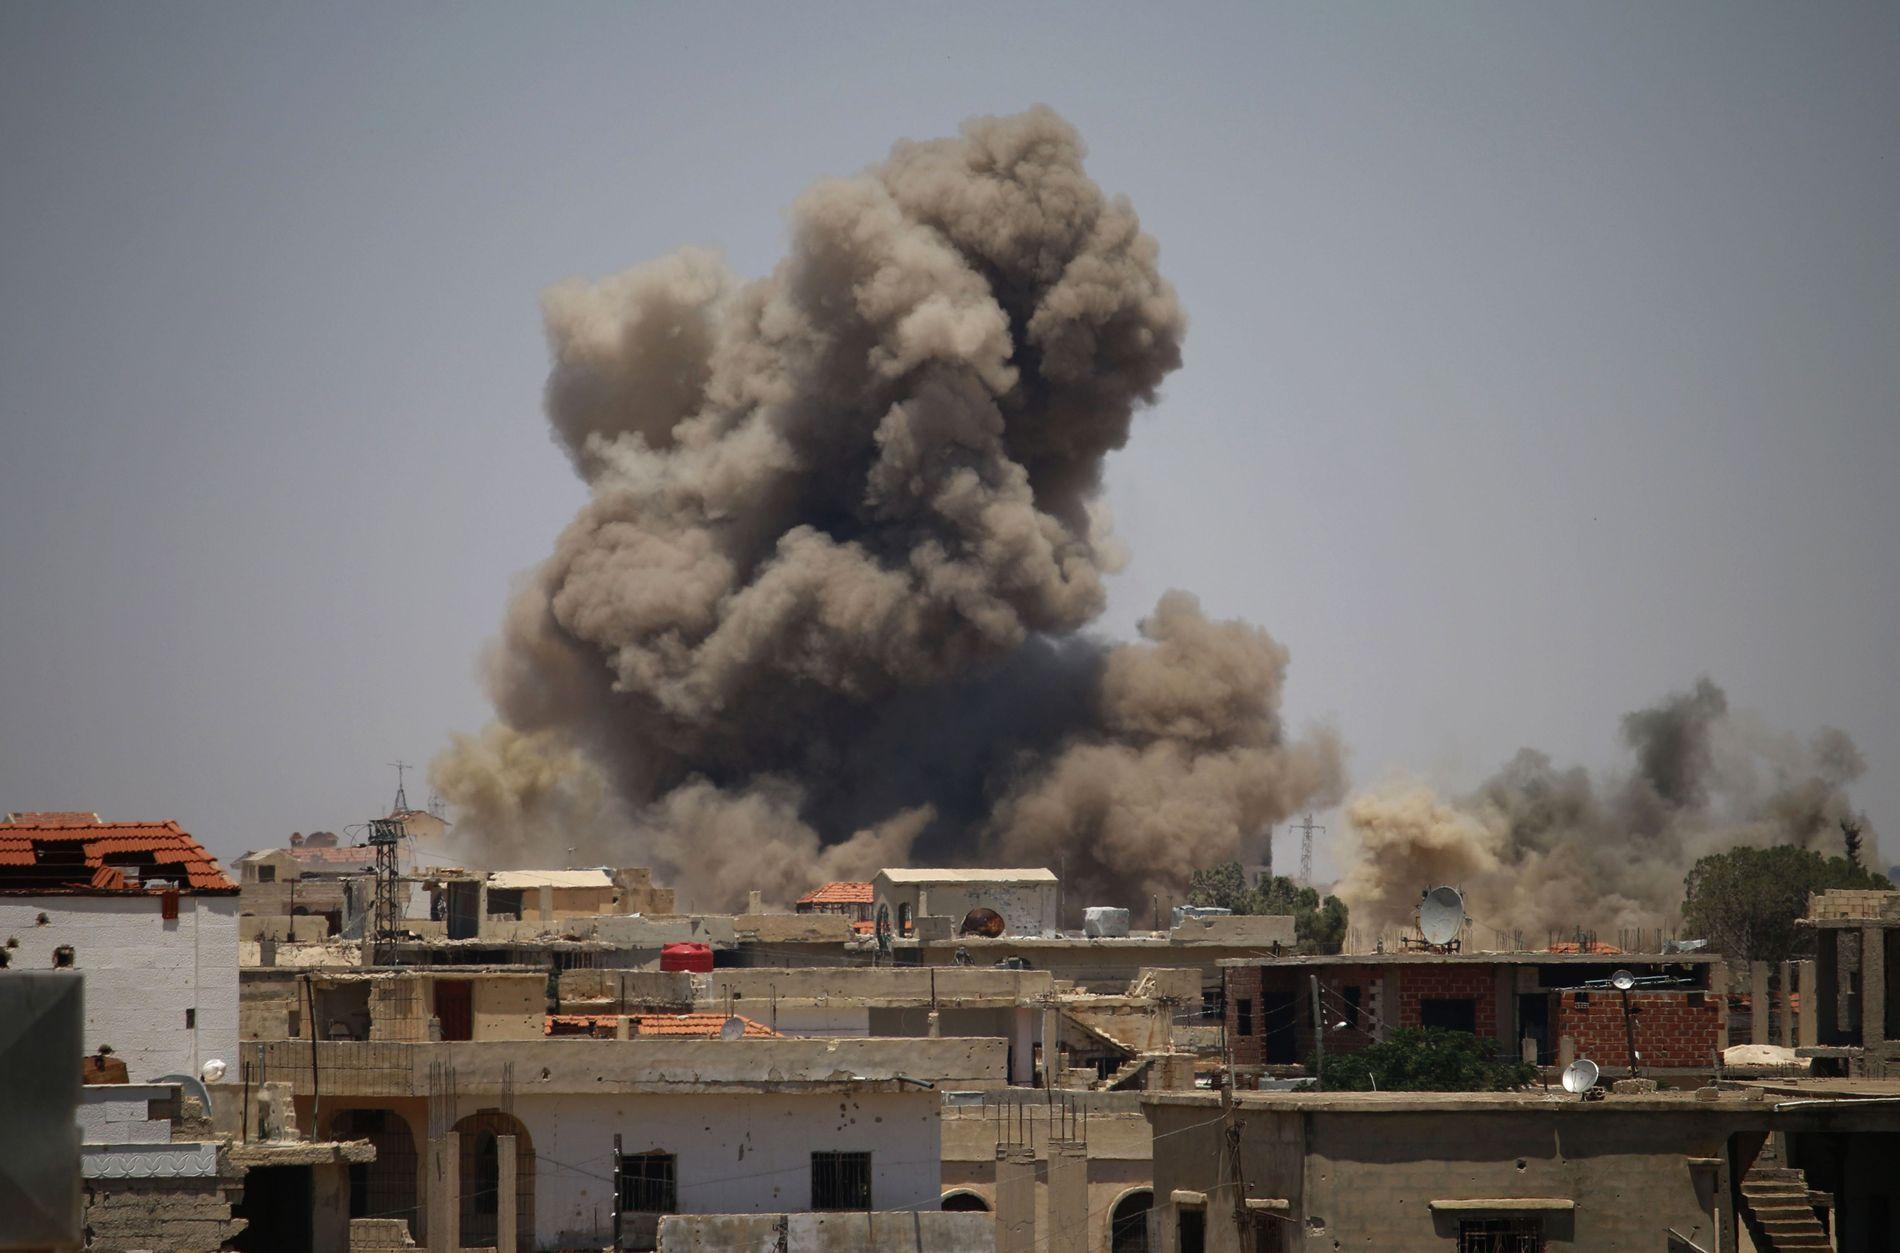 BOMBEREGN: Røyk stiger opp etter et bombeangrep utført av syriske regjeringsstyrker i Daraa den 24. juni.